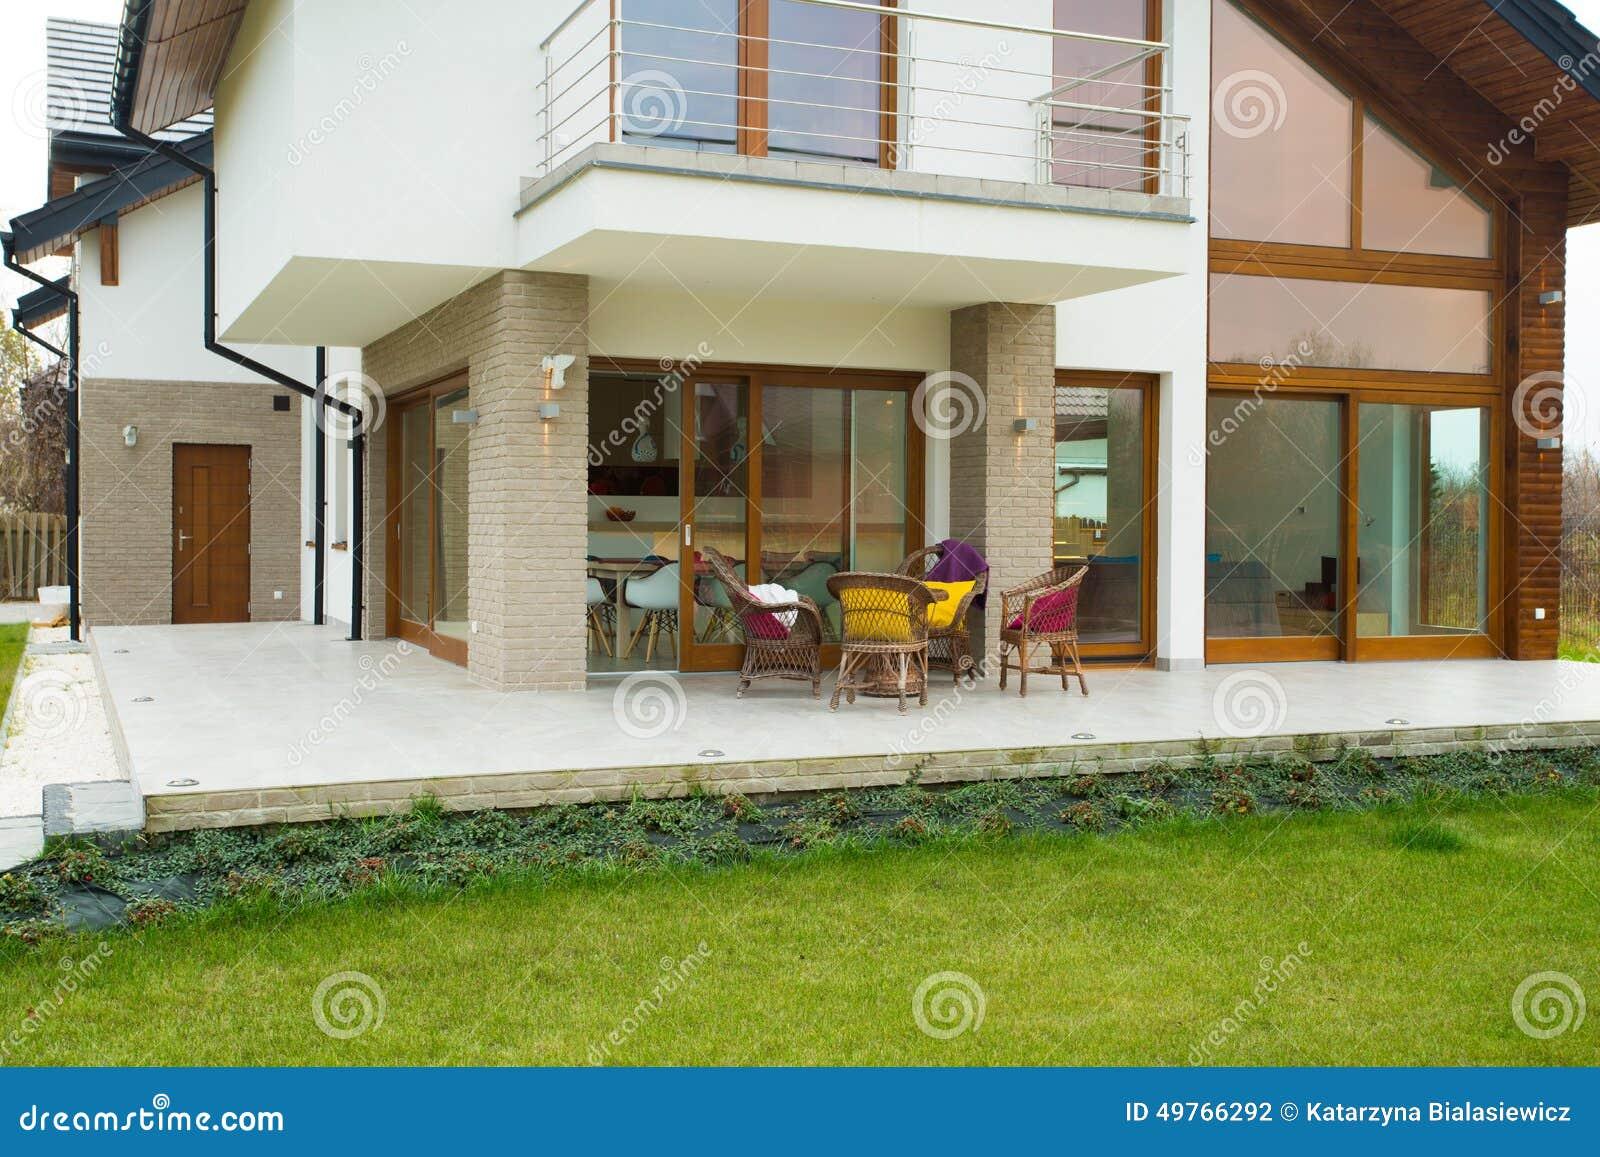 Maison Moderne Et Chère Avec La Terrasse Photo stock - Image ...